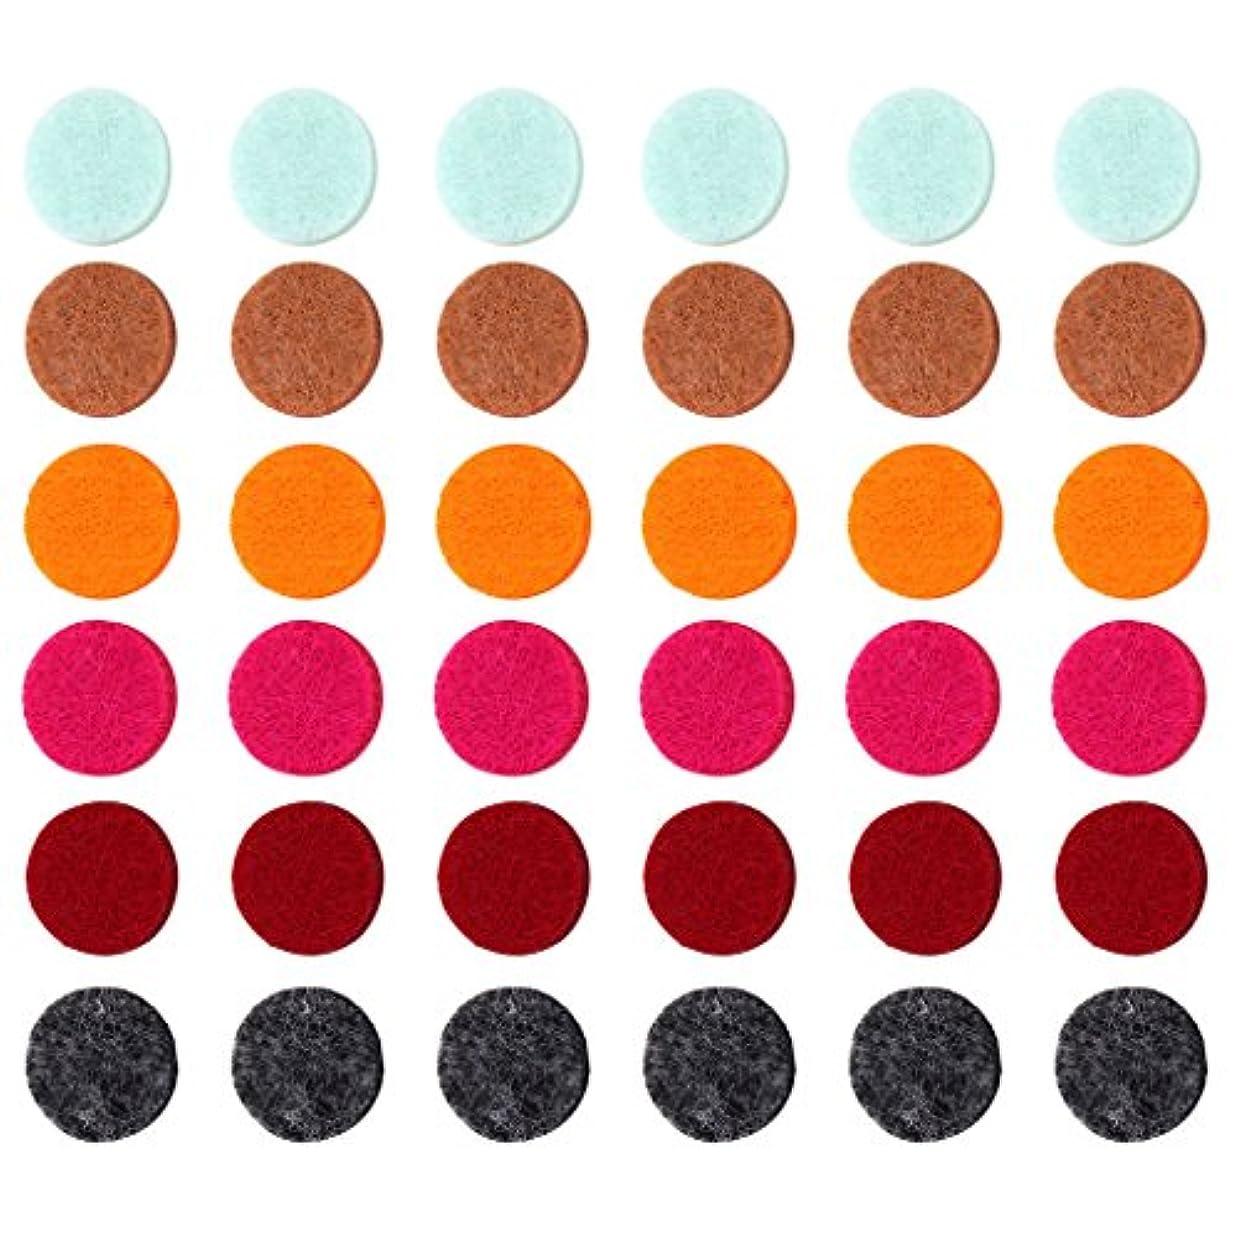 兵隊貫入暫定のZYsta 36個Refill Pads for Aromatherapy Essential Oil Diffuserロケットネックレス、交換用パッド: Thickened/洗濯可能/高吸水性のアロマディフューザーペンダント